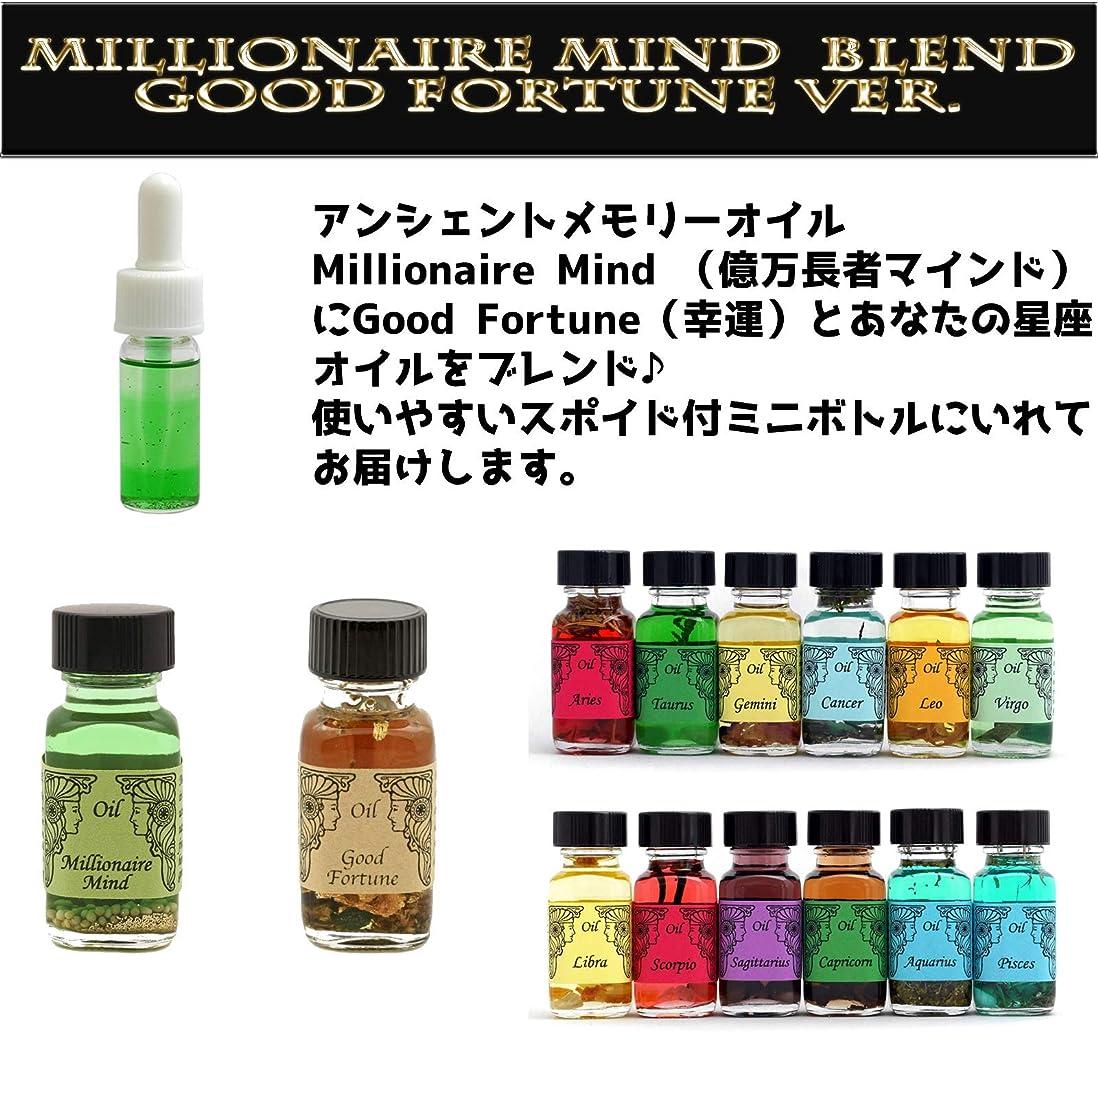 粘り強い明らか一緒にアンシェントメモリーオイル Millionaire Mind 億万長者マインド ブレンド【Good Fortune グッドフォーチュン 幸運&おひつじ座】